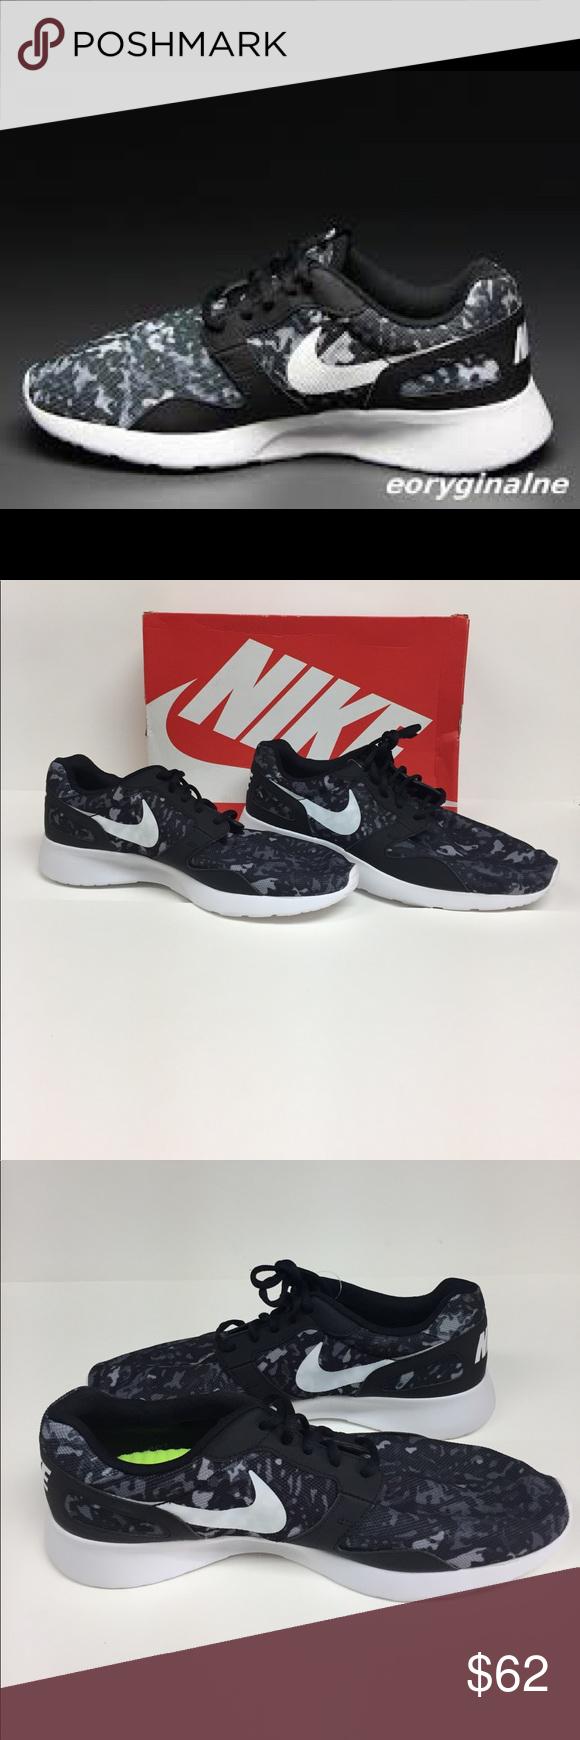 nike kaishi impronta blk cosa grey scarpe da corsa pennino ispirato dalla